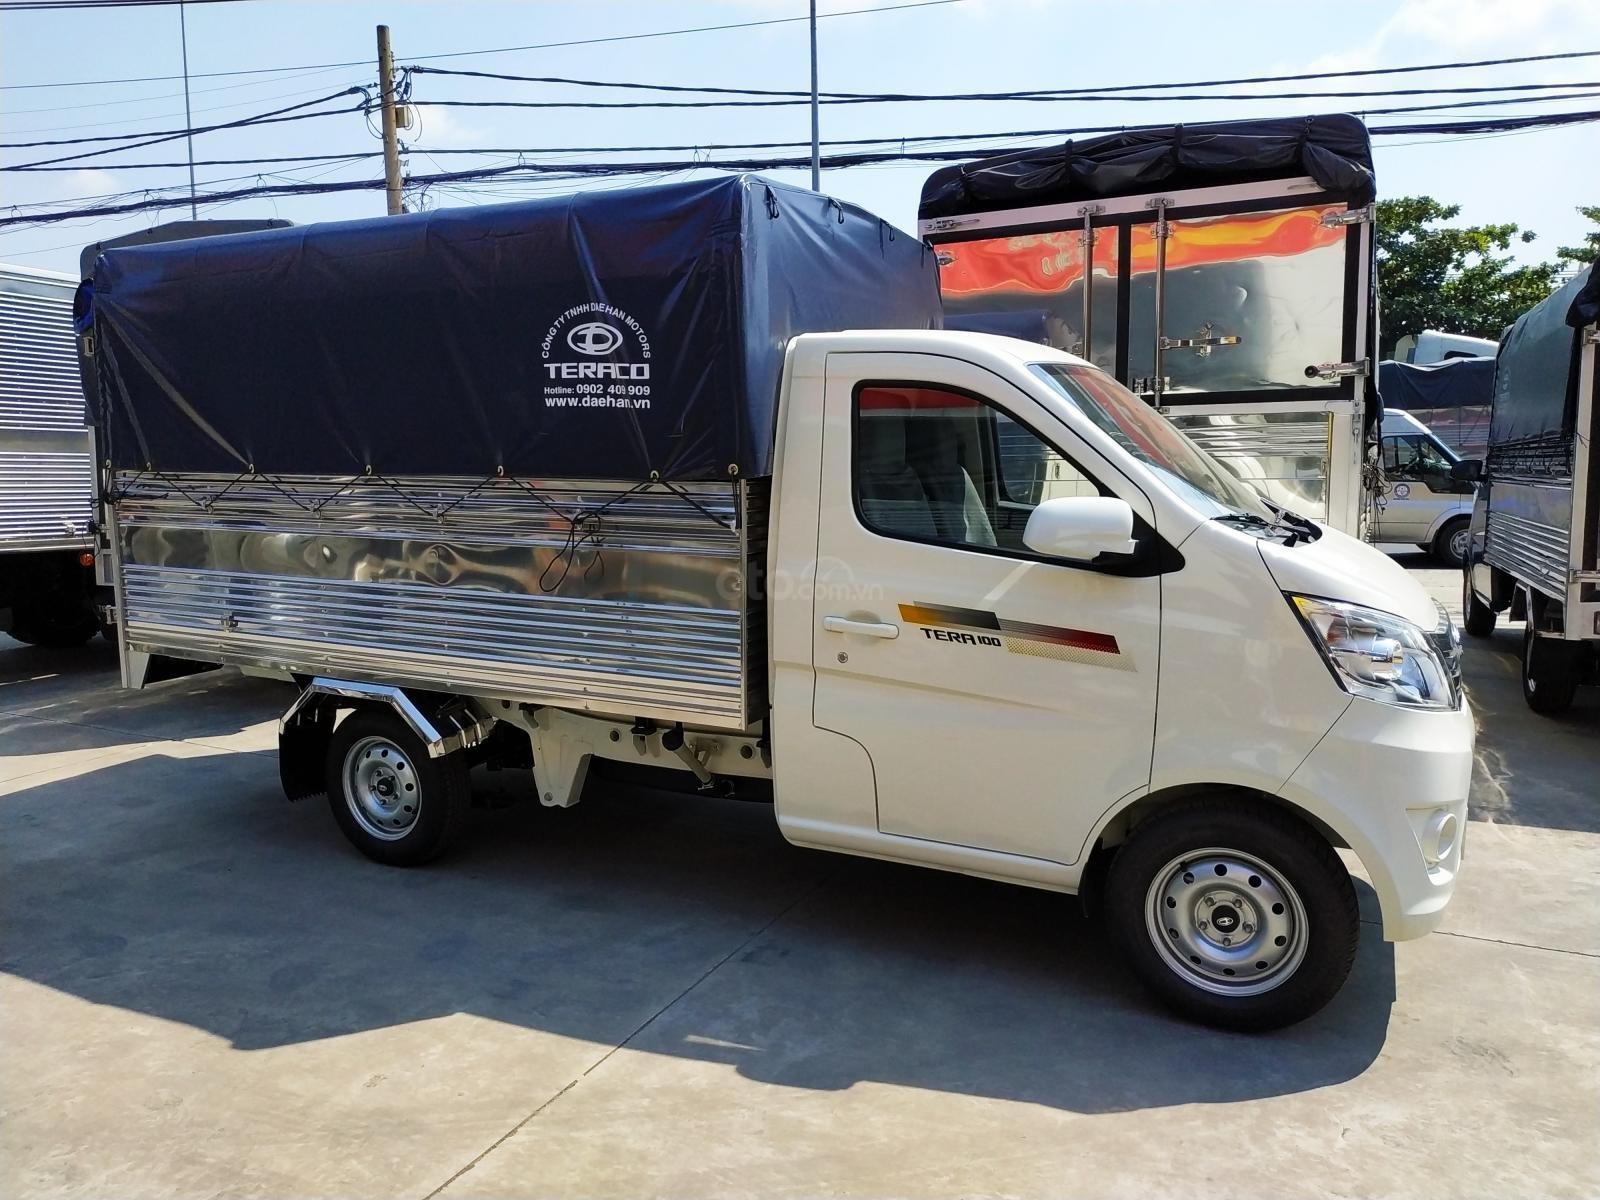 Bán xe Daehan Teraco 100 động cơ Mitsubishi Tech 1.3L - Ưu đãi lớn giảm tiền mặt lên đến 5 triệu đồng  (6)